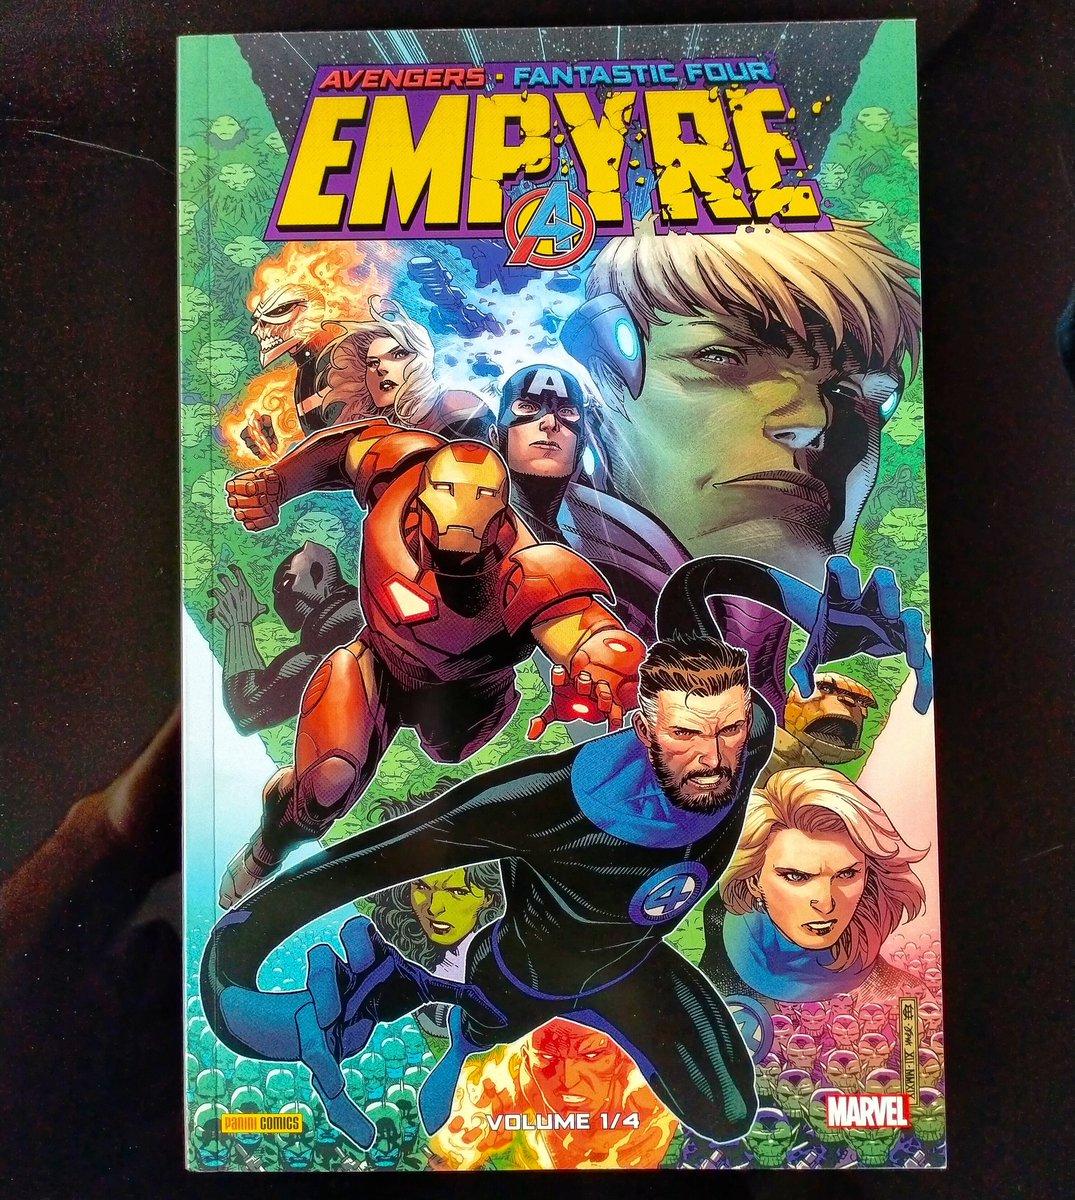 C'est parti pour le nouvel événement Marvel du printemps. #Empyre 1)4 et c'est chez @paninicomicsfra of course. Le conflit se prépare et l'univers est bien inquiet... ##/comics #bd #marvel #fantasticfour #avengers